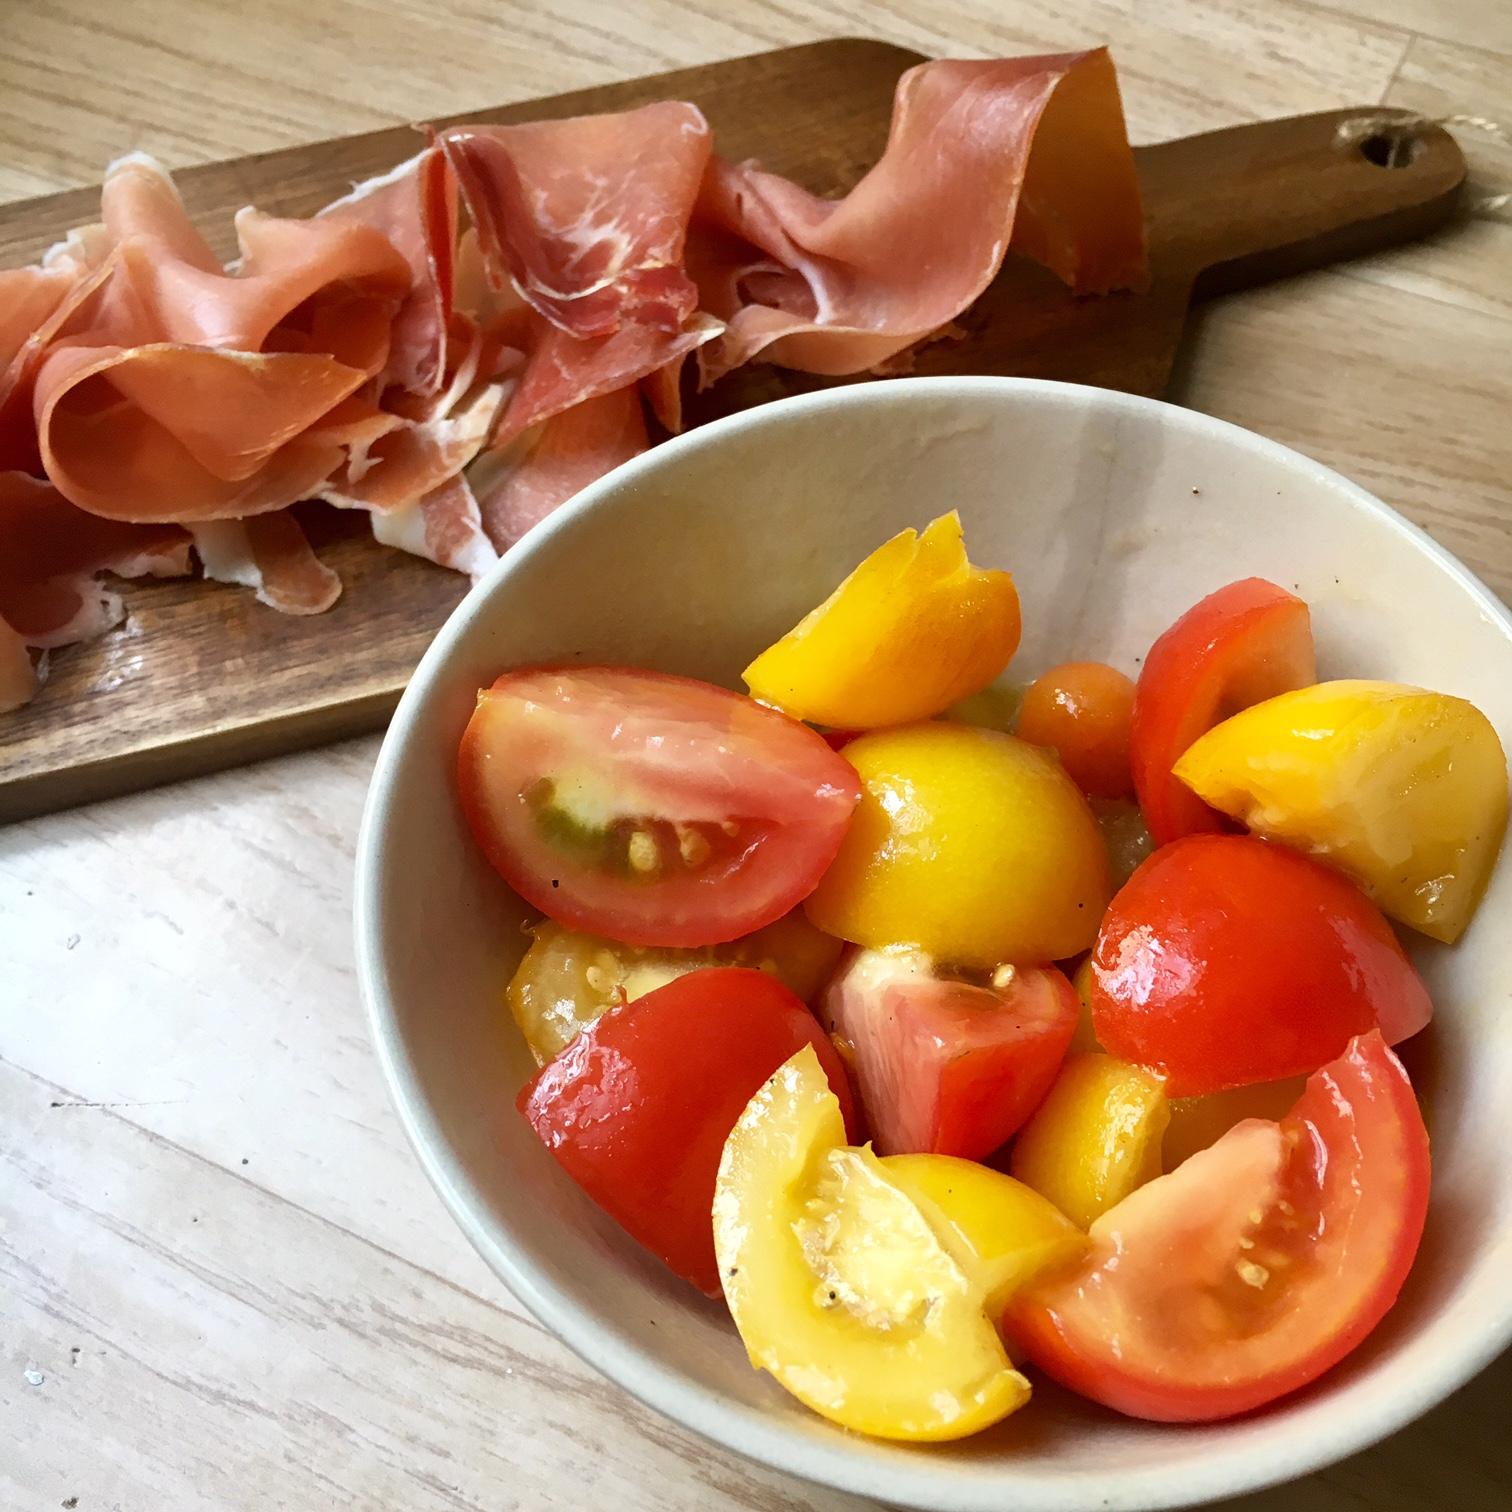 La sesongens tomater skinne i denne enkle salaten